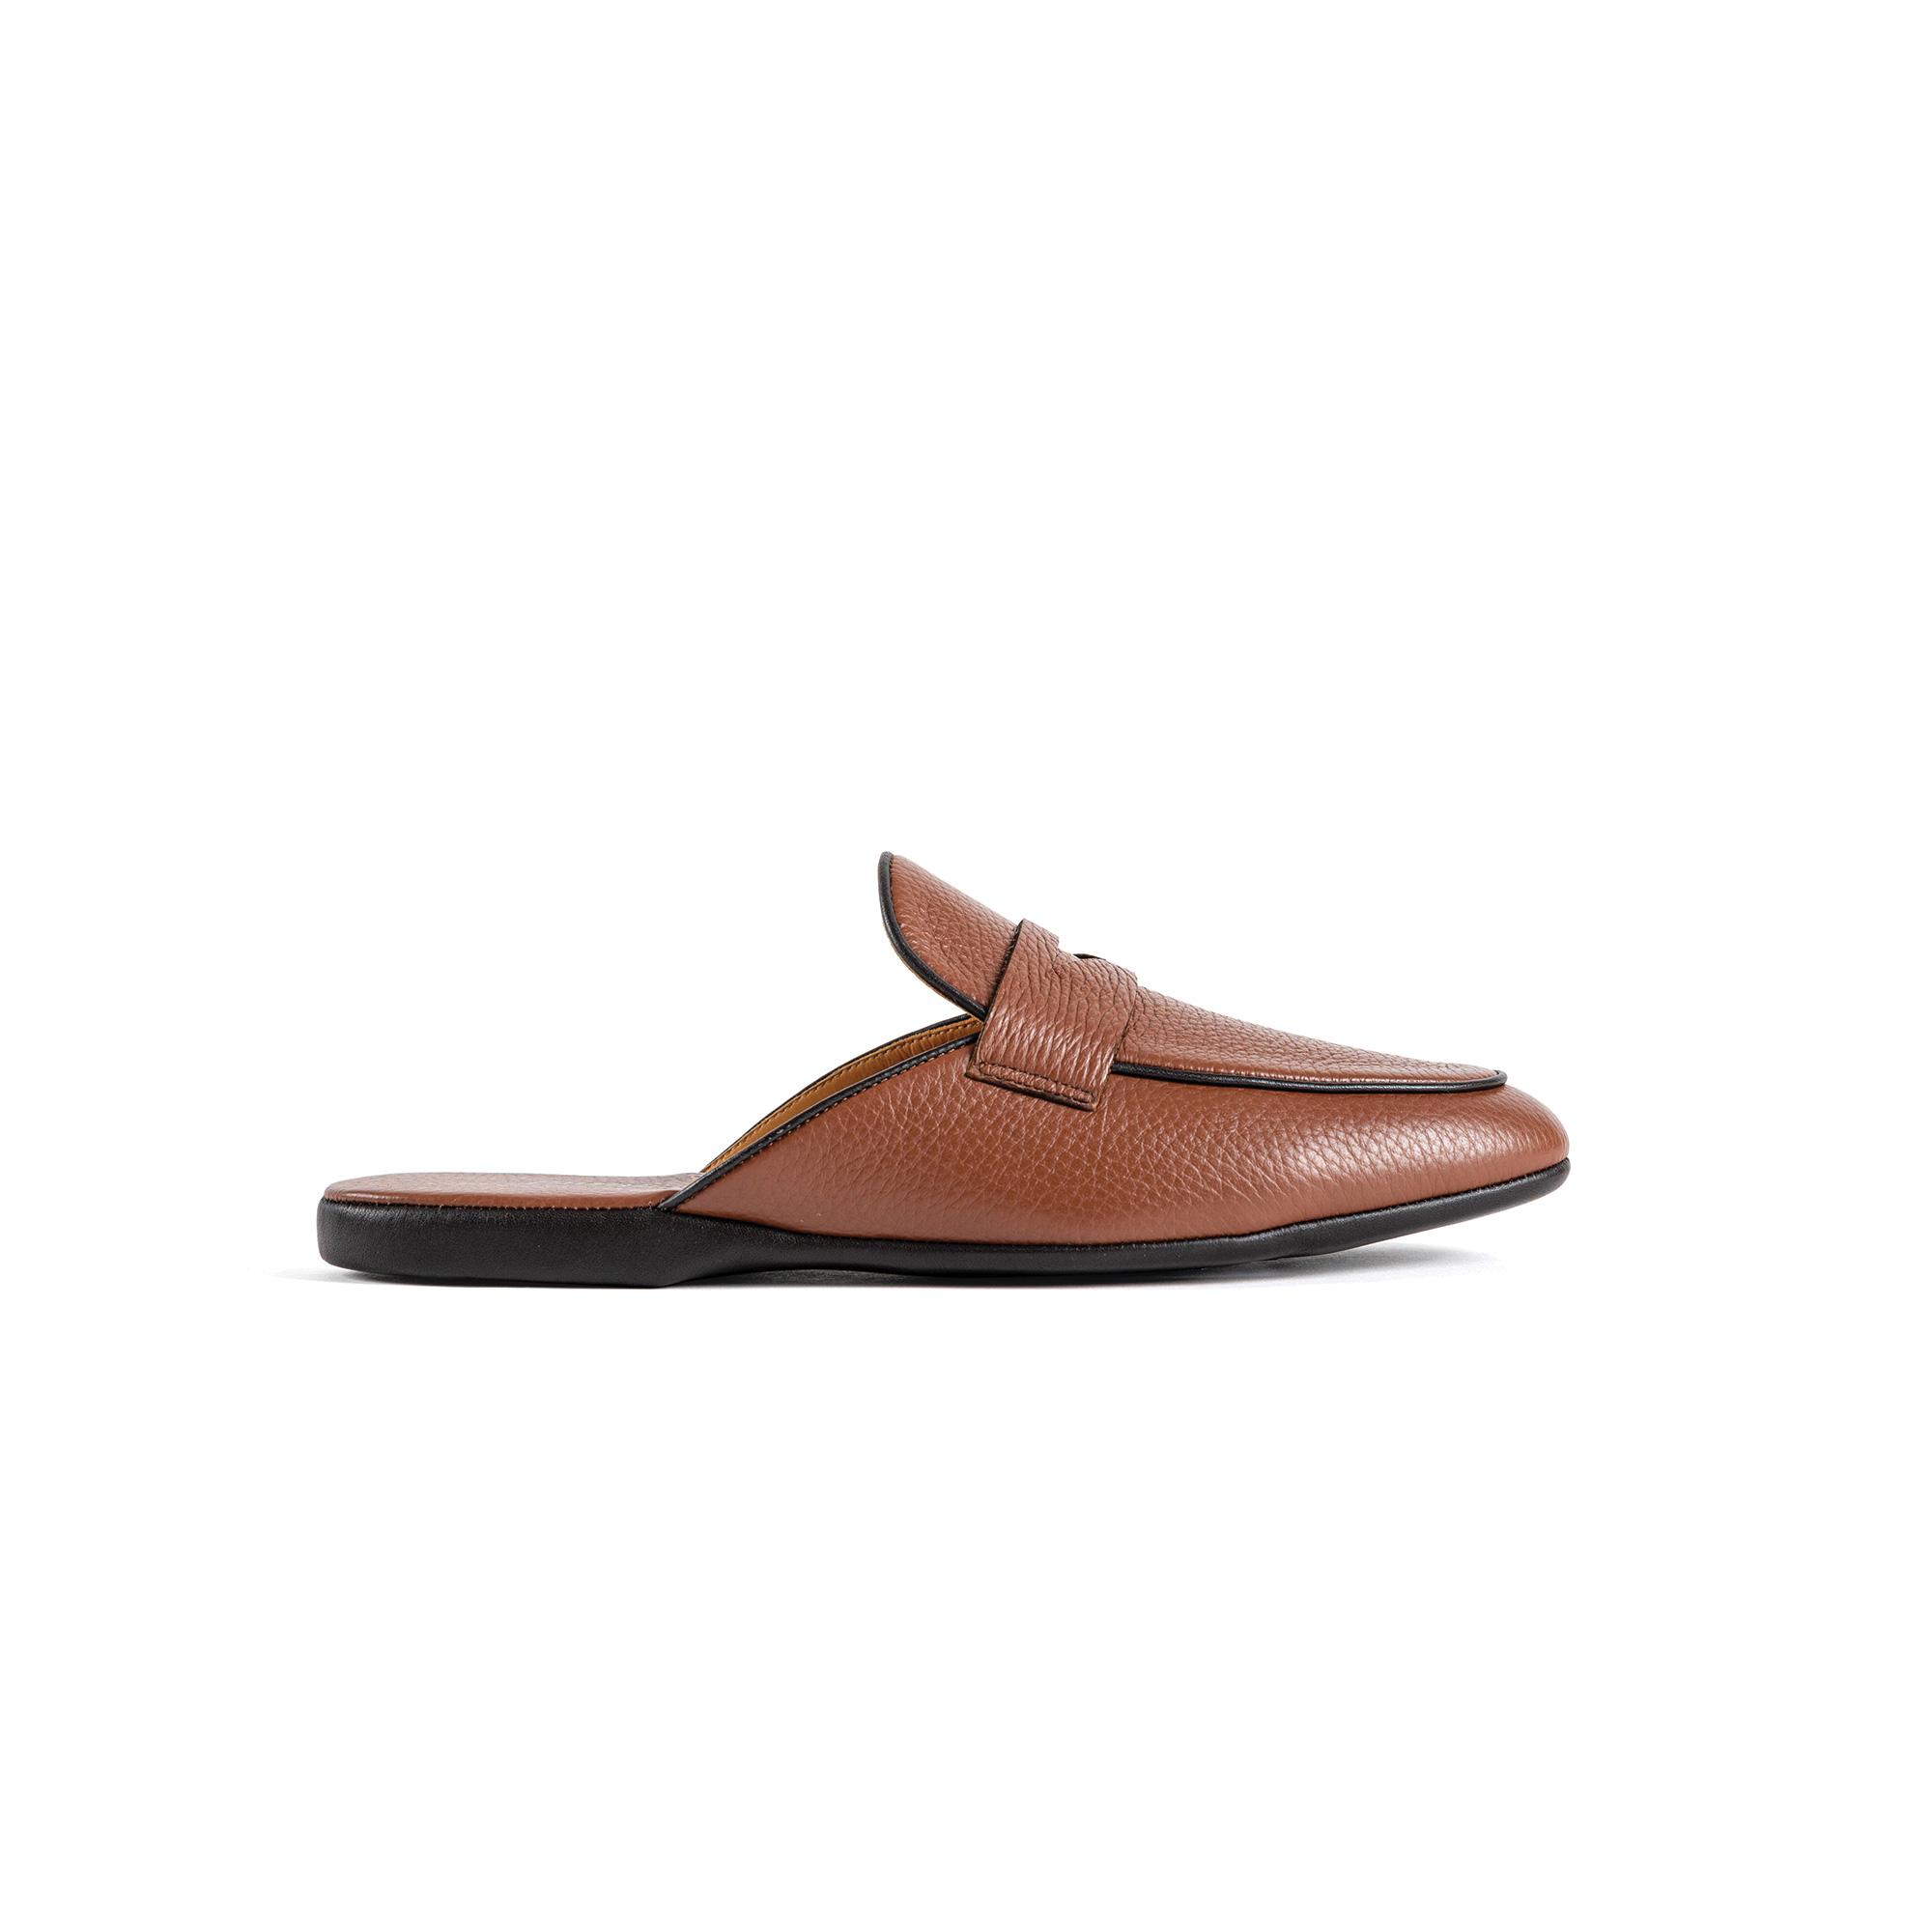 Pantofola interno classico in pelle cervo - Farfalla italian slippers